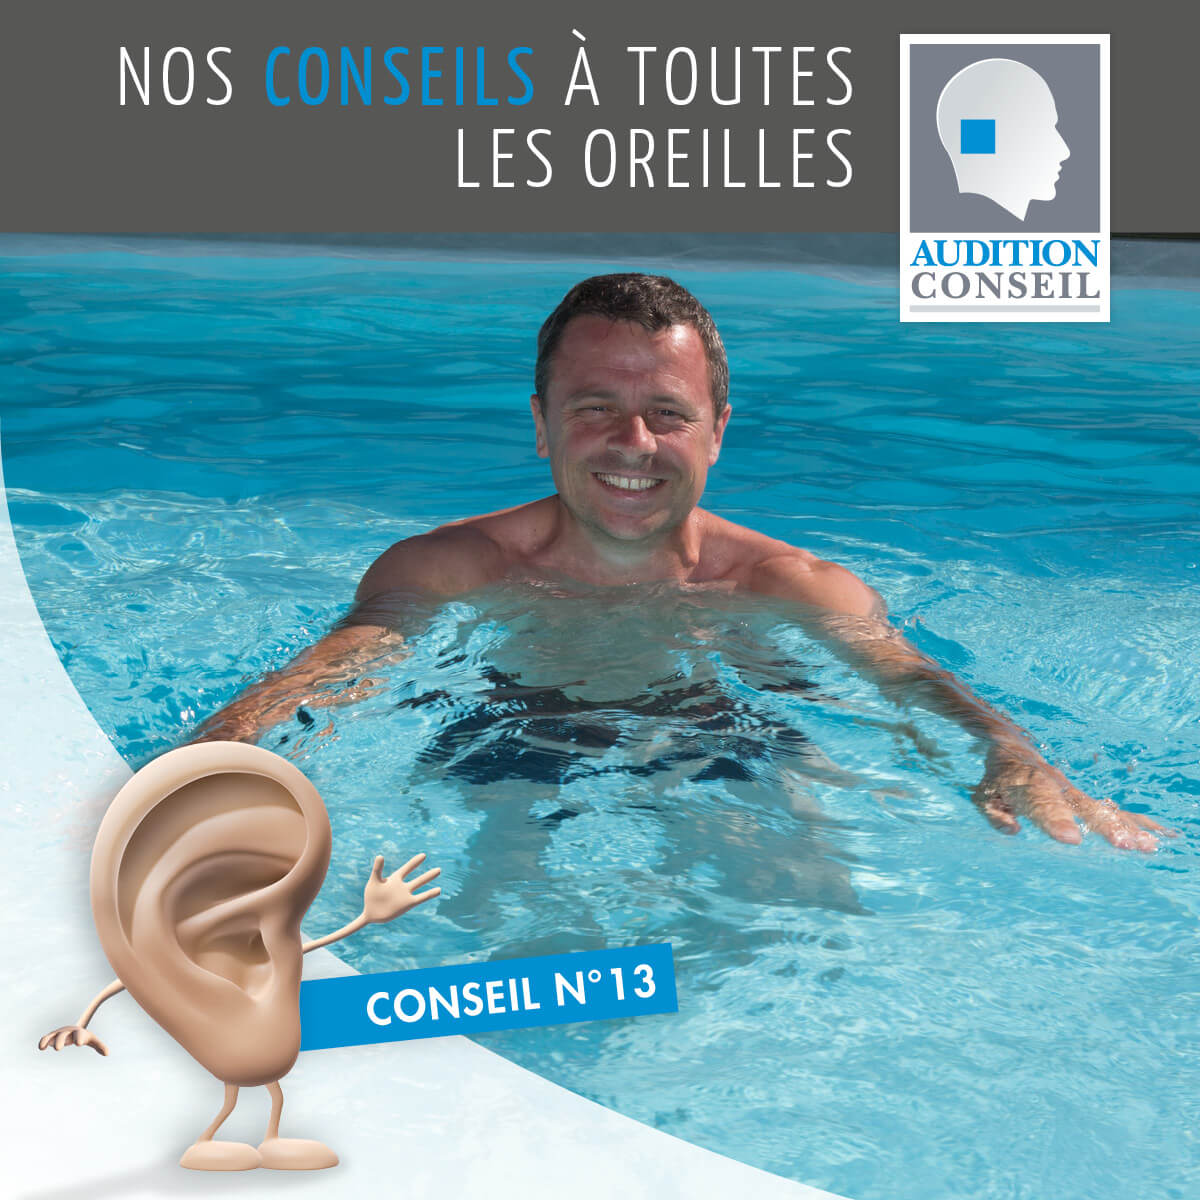 Conseils_a_toutes_les_oreilles_13